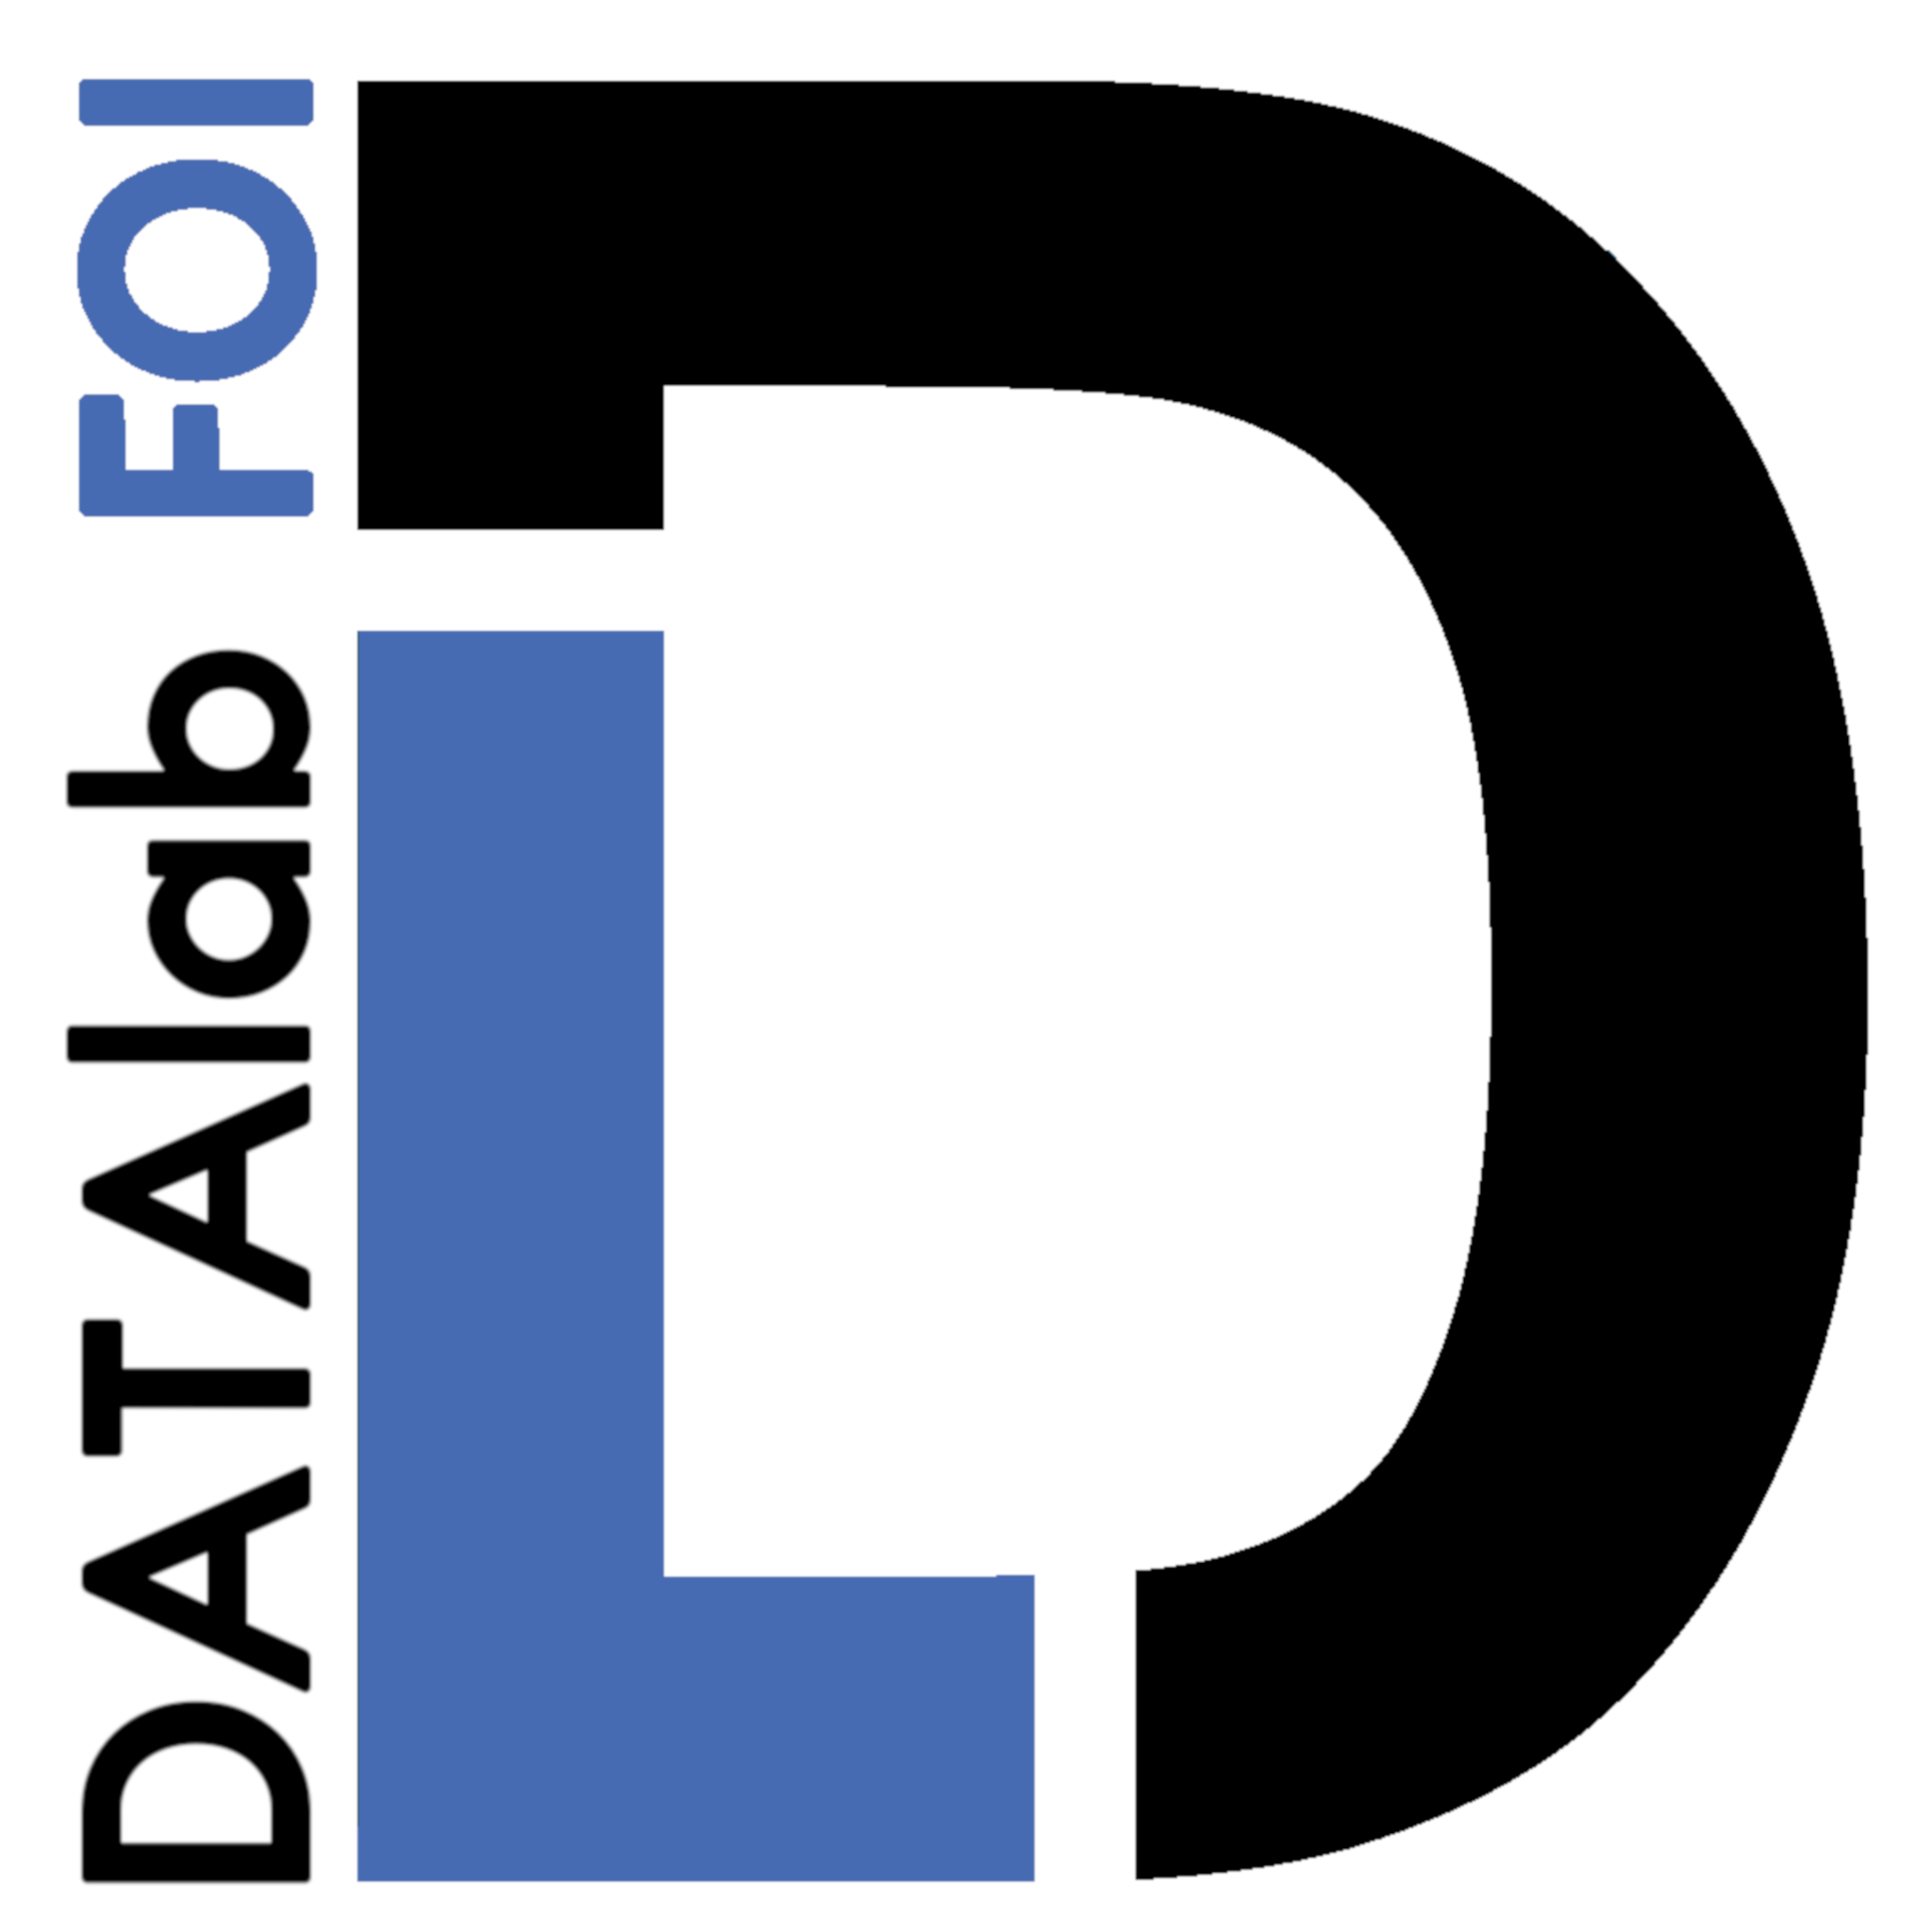 Laboratorij za podatkovne tehnologije